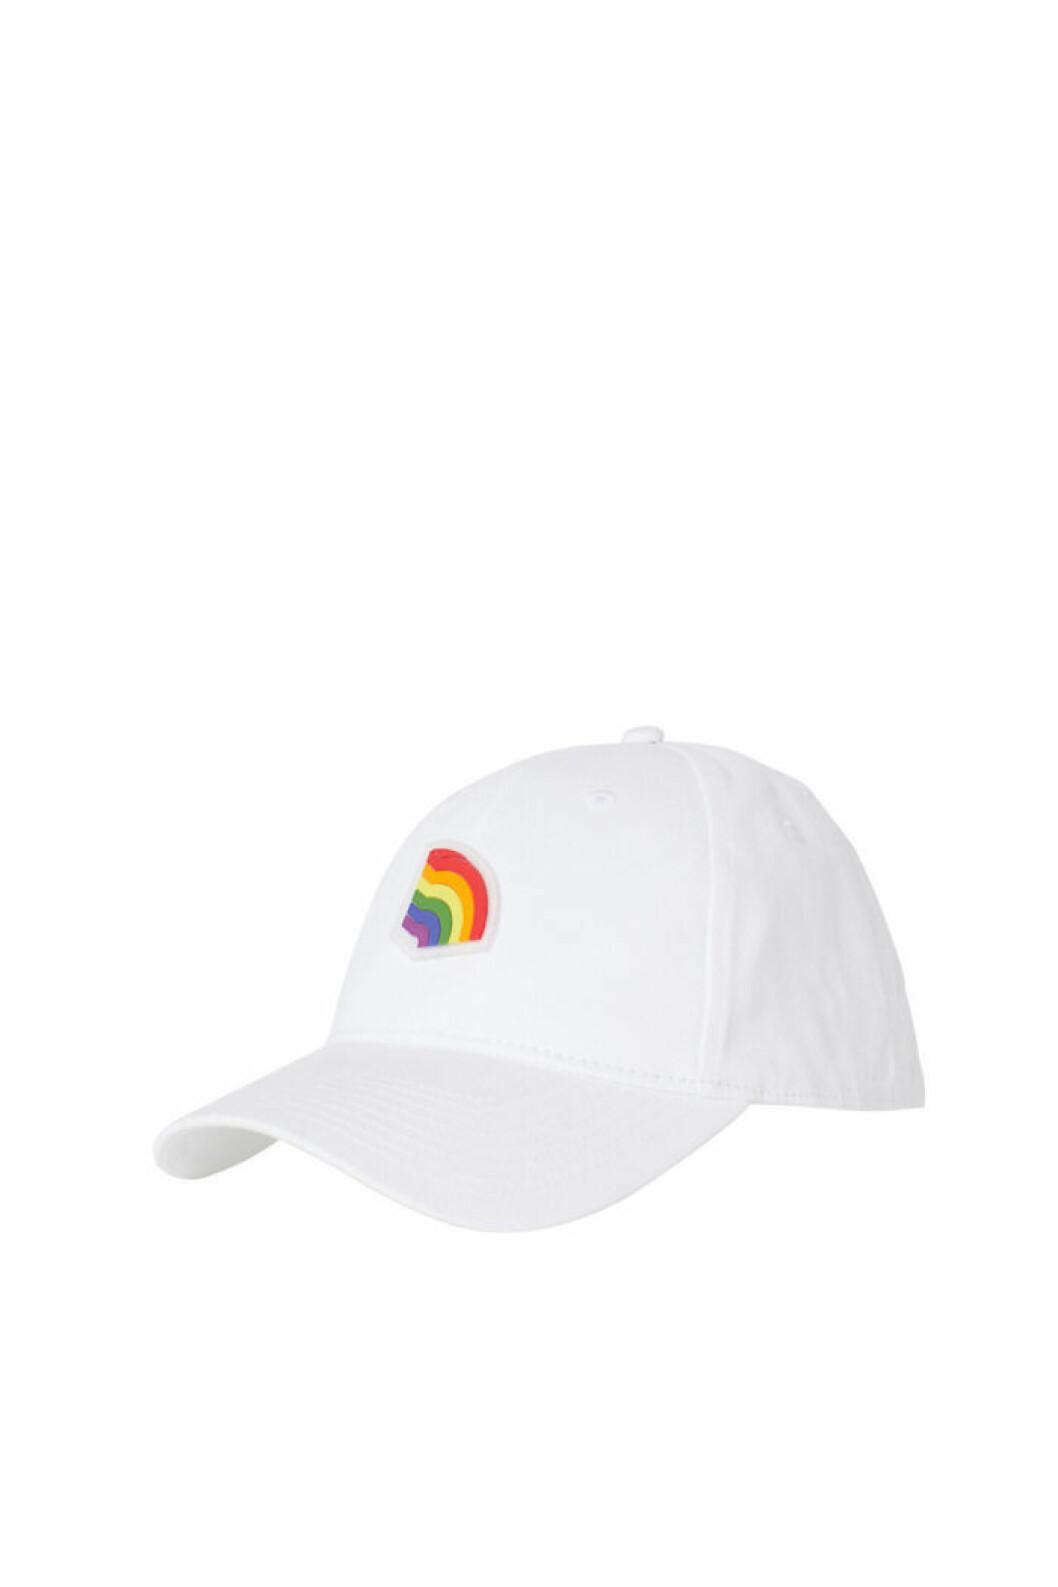 H&M släpper Pridekollektion för 2019 – vit keps